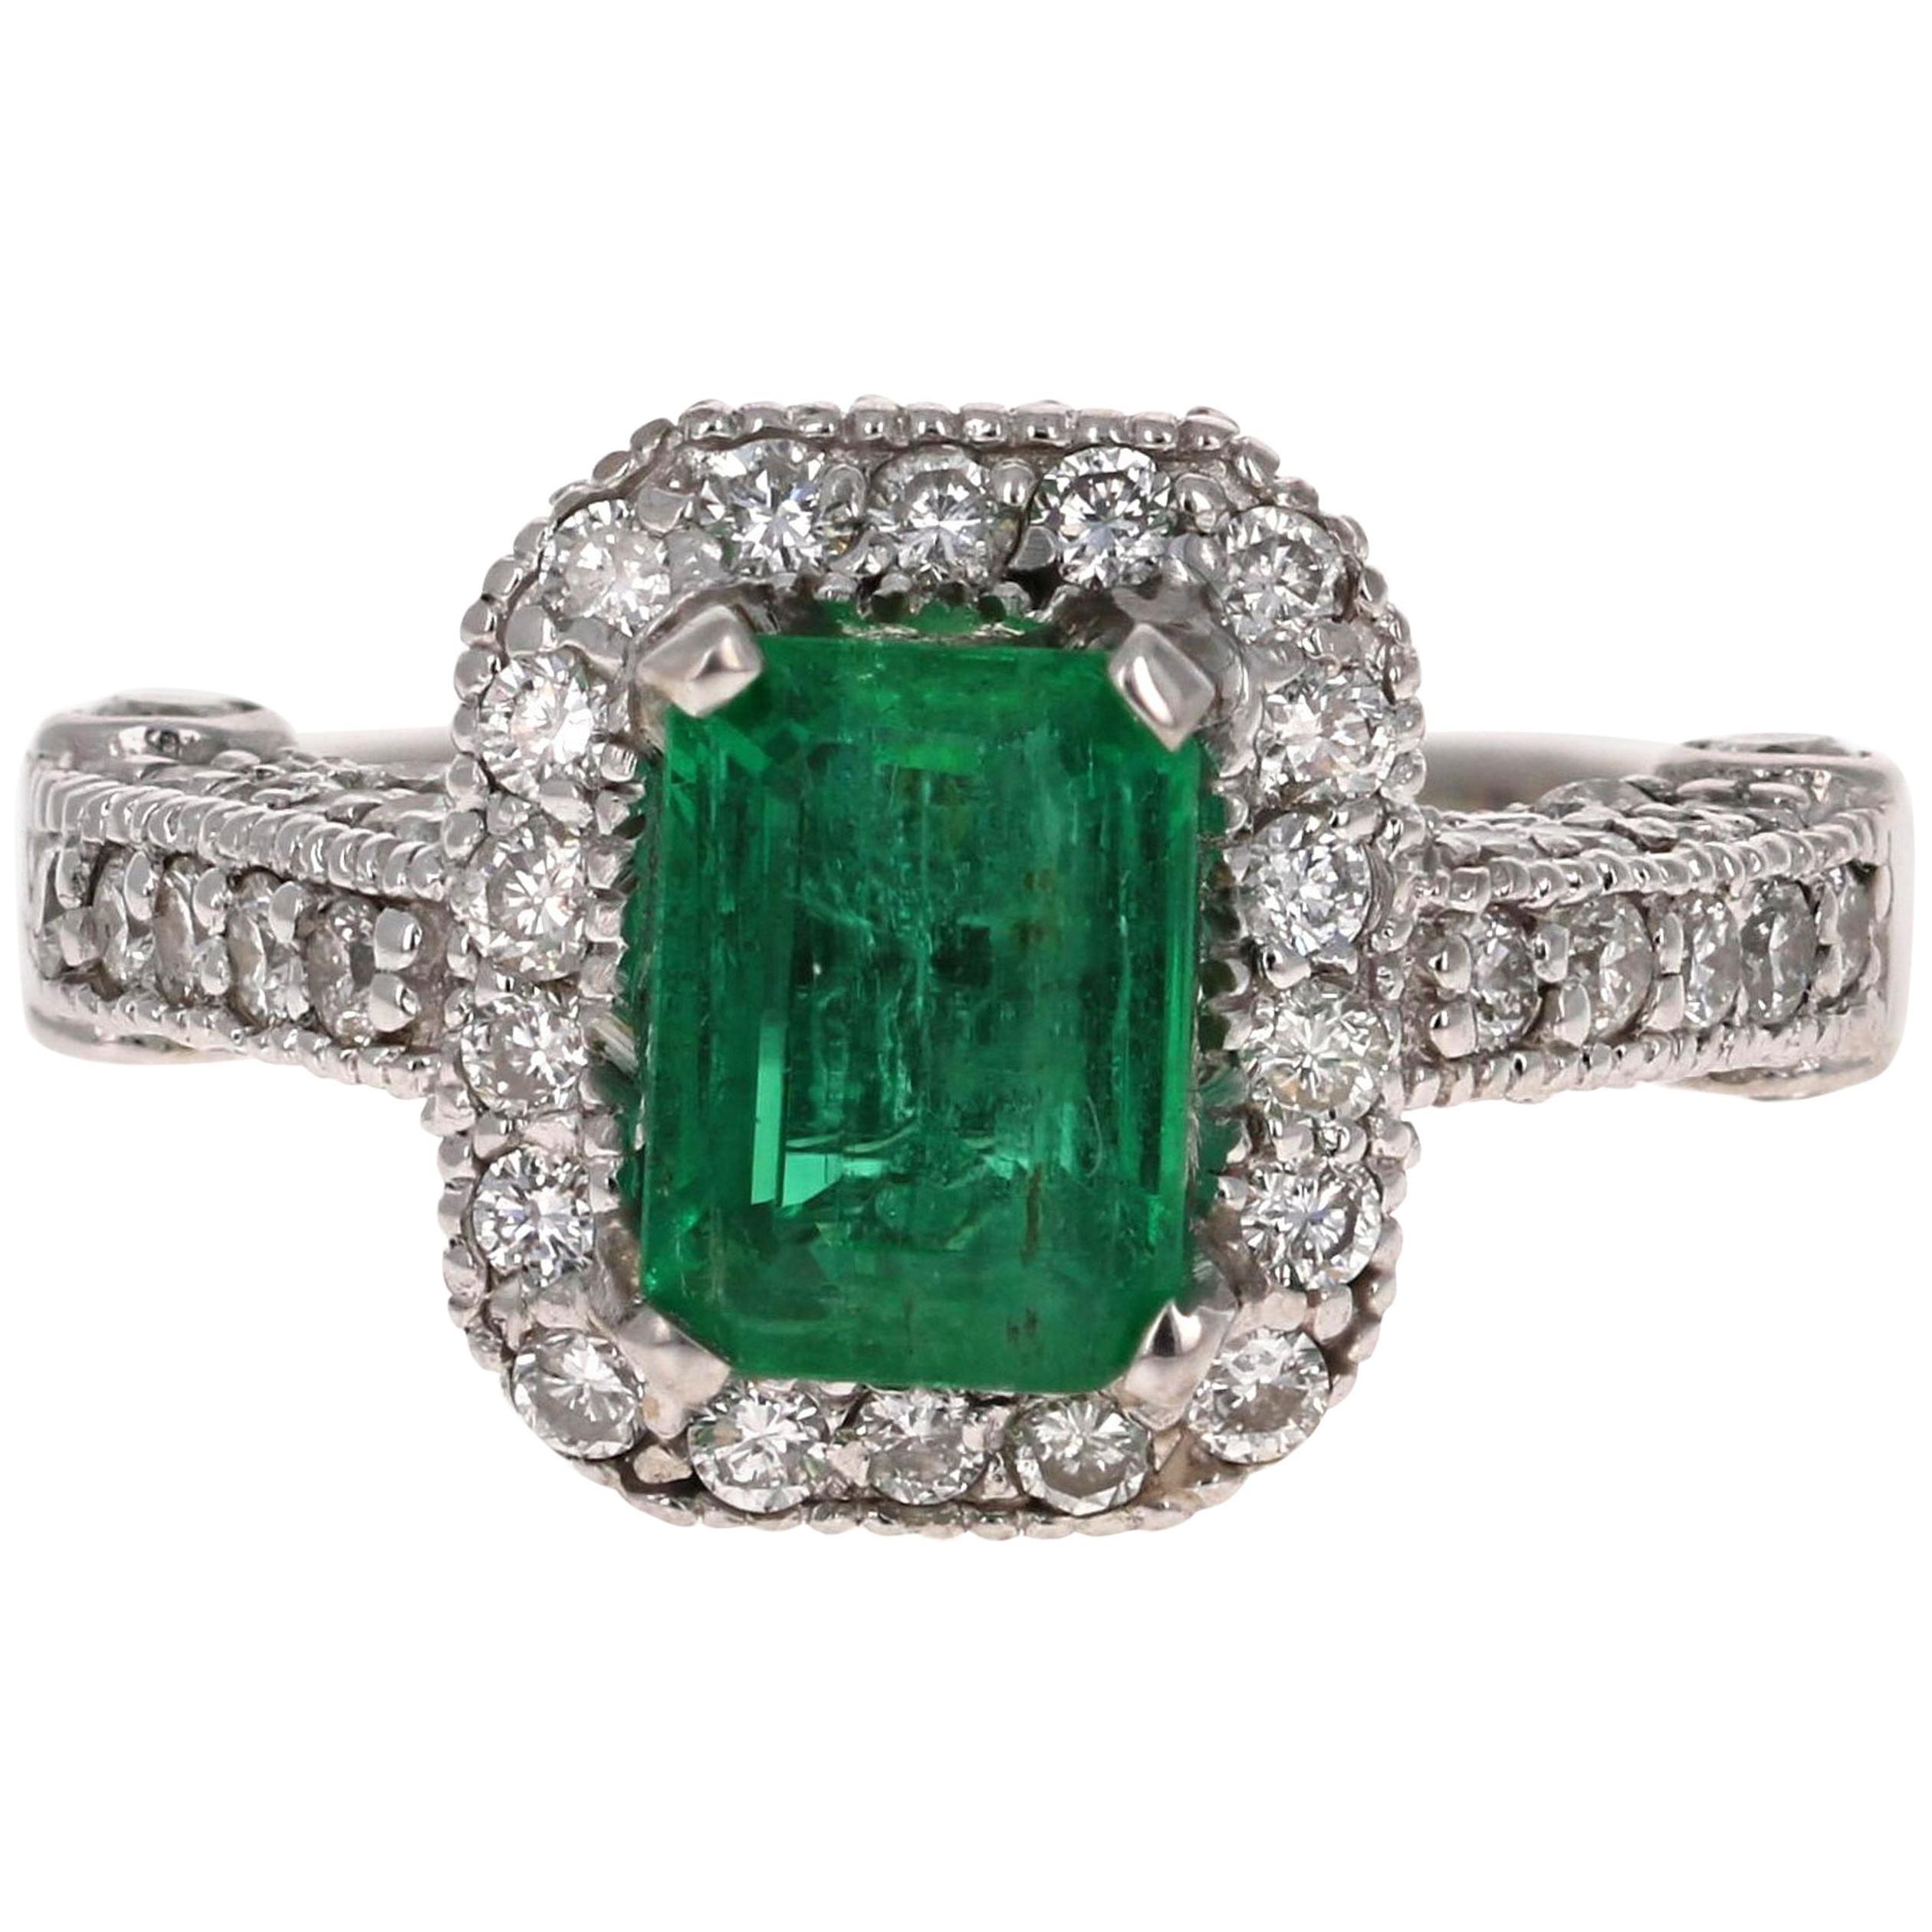 2.72 Carat Emerald Diamond 14 Karat White Gold GIA Certified Ring